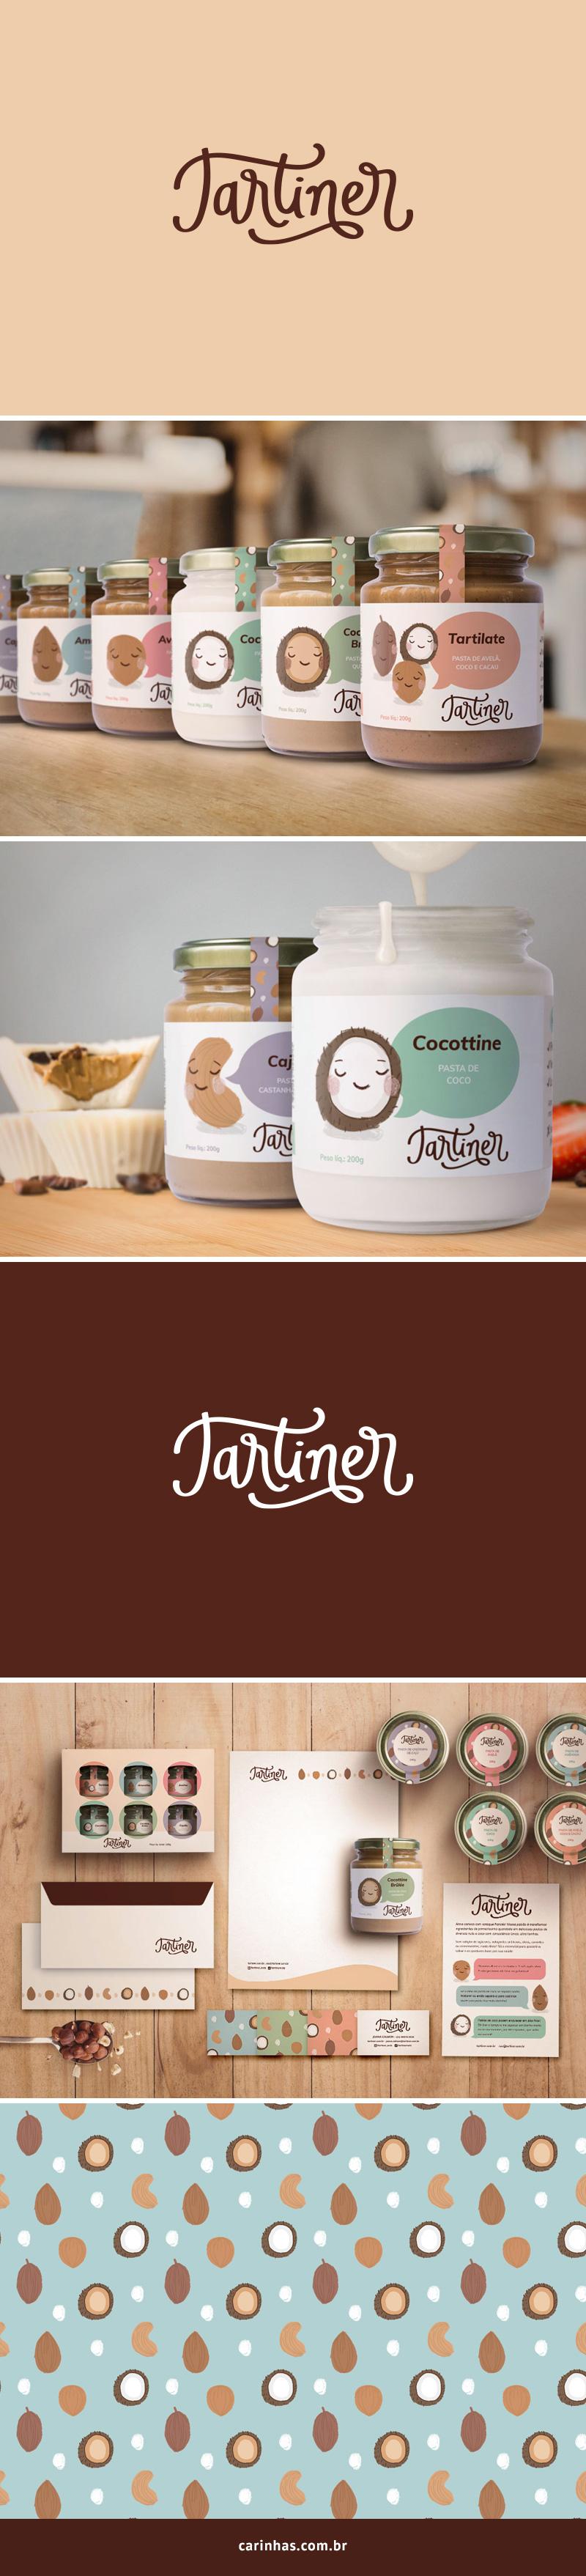 Marca Apaixonante para a Tartiner - carinhas.com.br